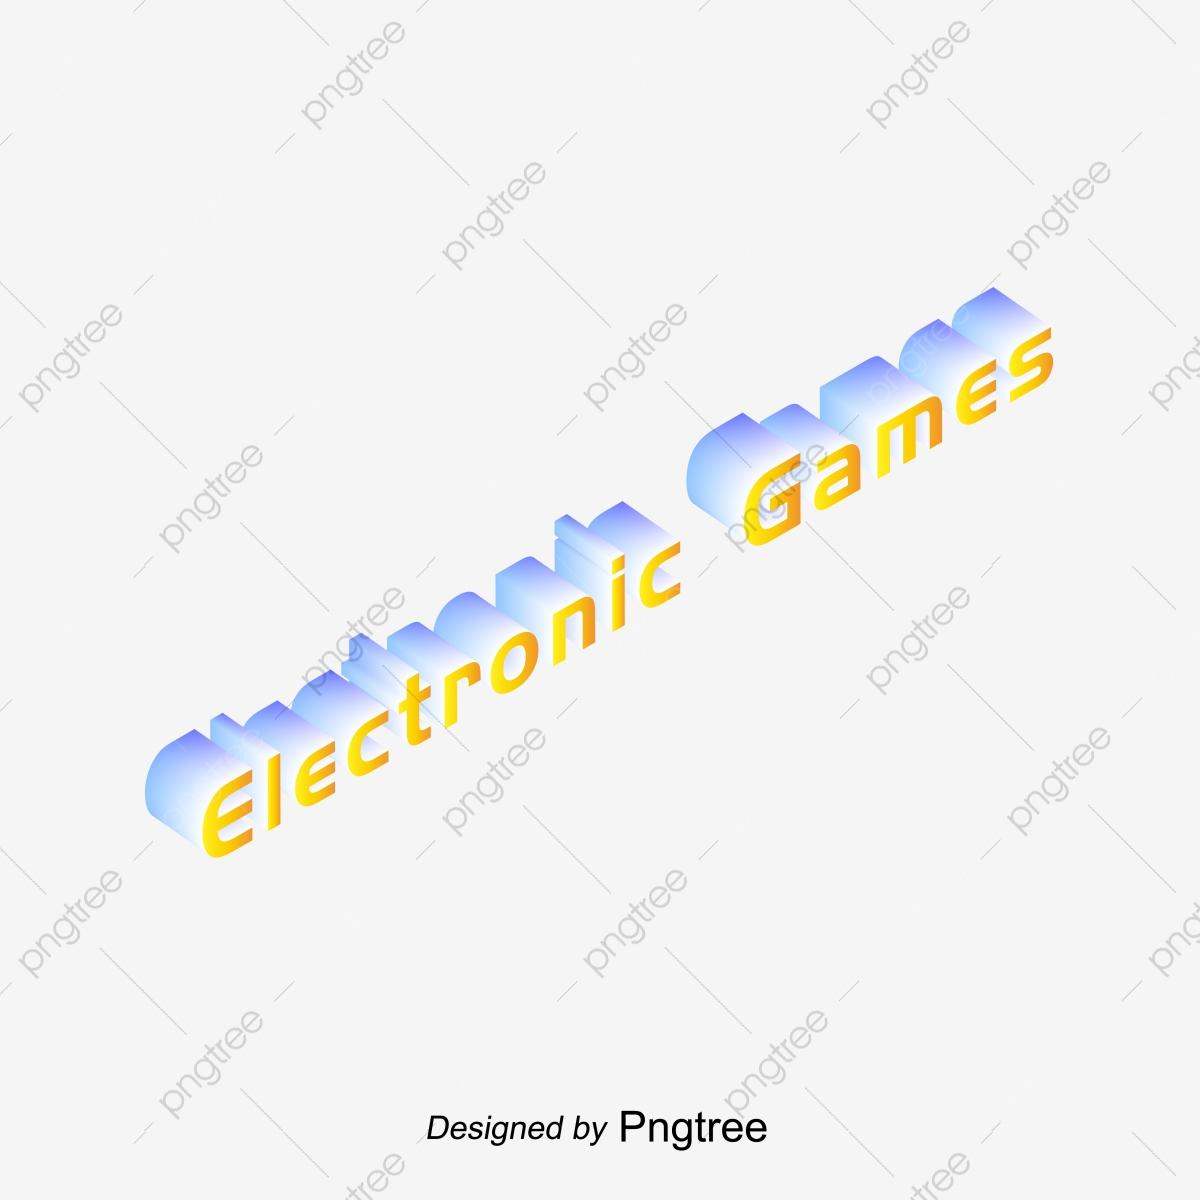 Jeu Vidéo D'alphabet Anglais De Style Stéréo, Stereo Style concernant Jeux Gratuit Anglais